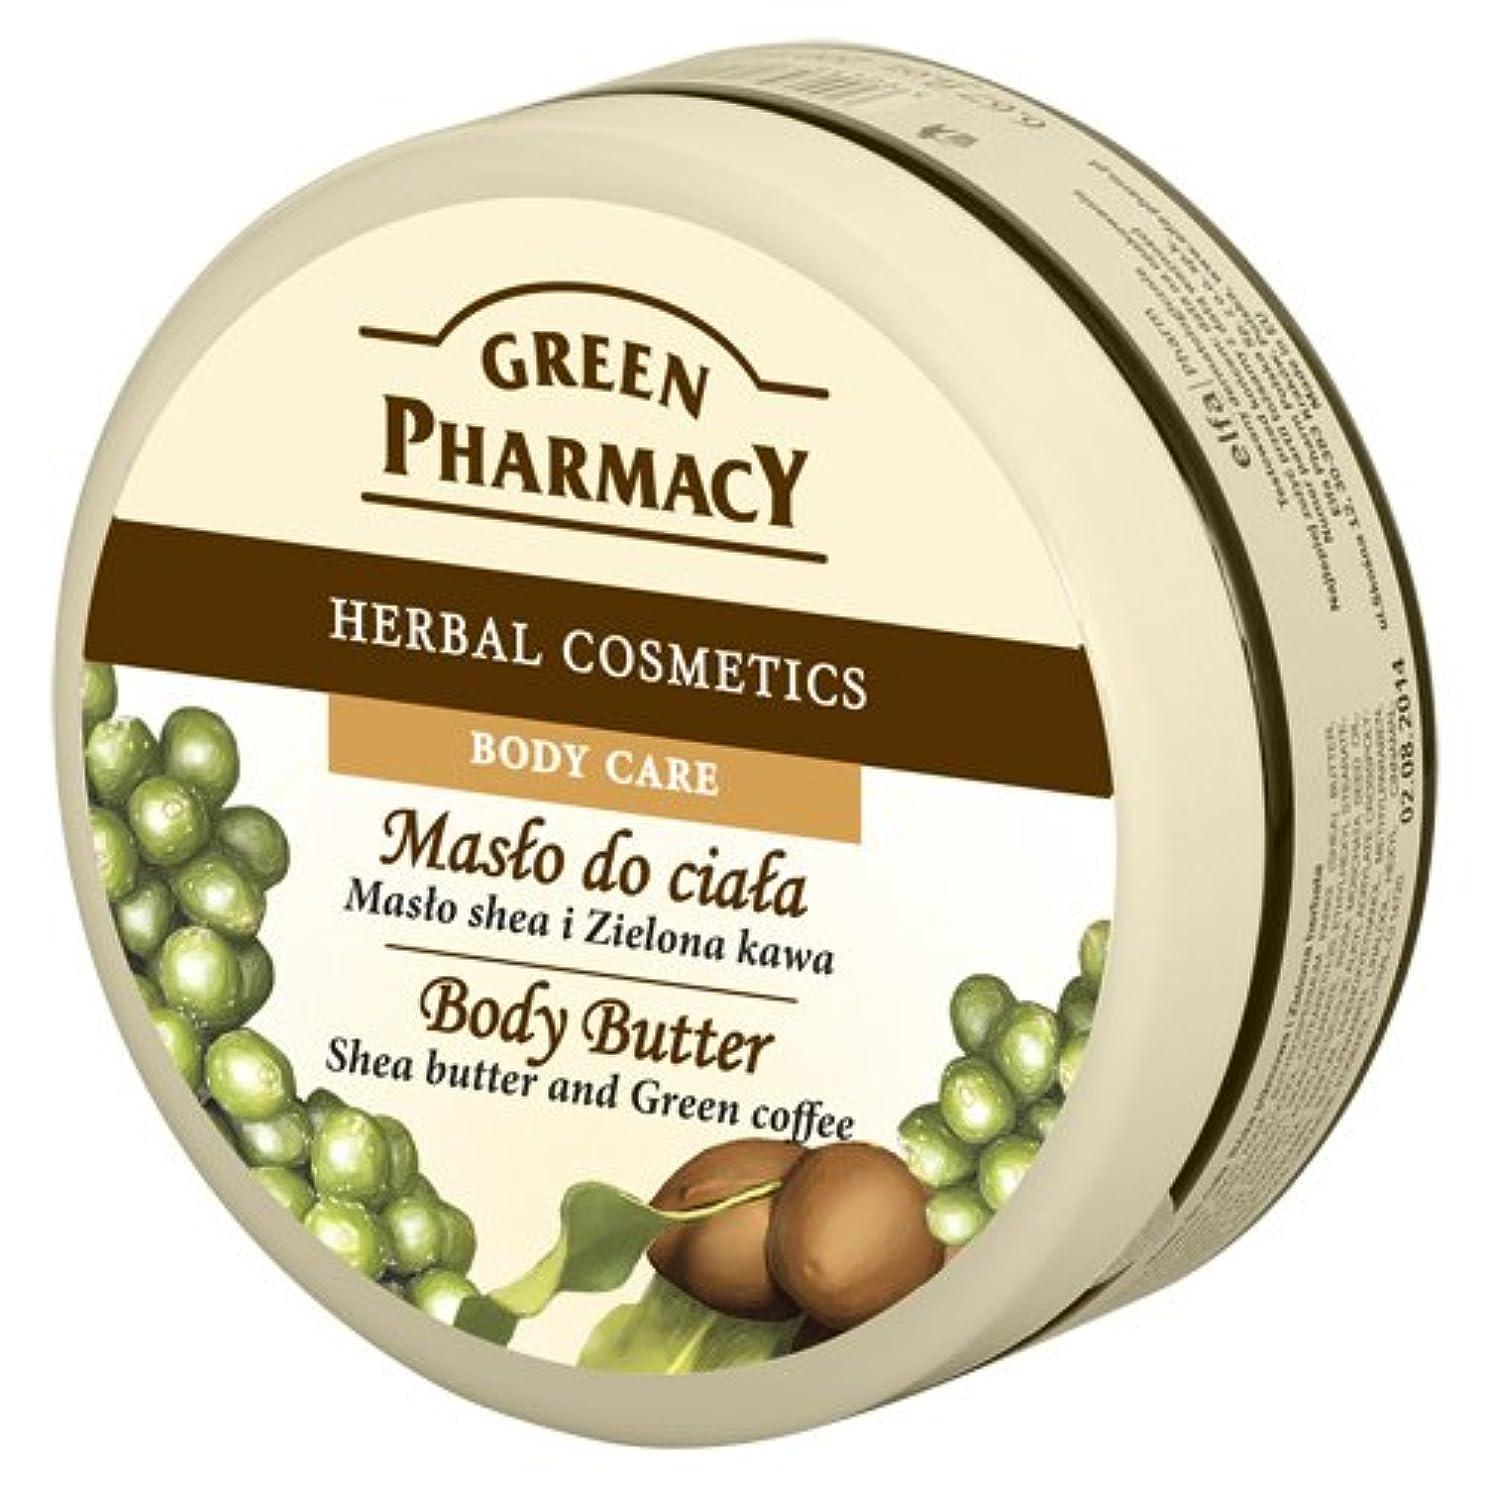 ホイットニー頭痛専門Elfa Pharm Green Pharmacy グリーンファーマシー Body Butter ボディバター Shea Butter and Green Coffee